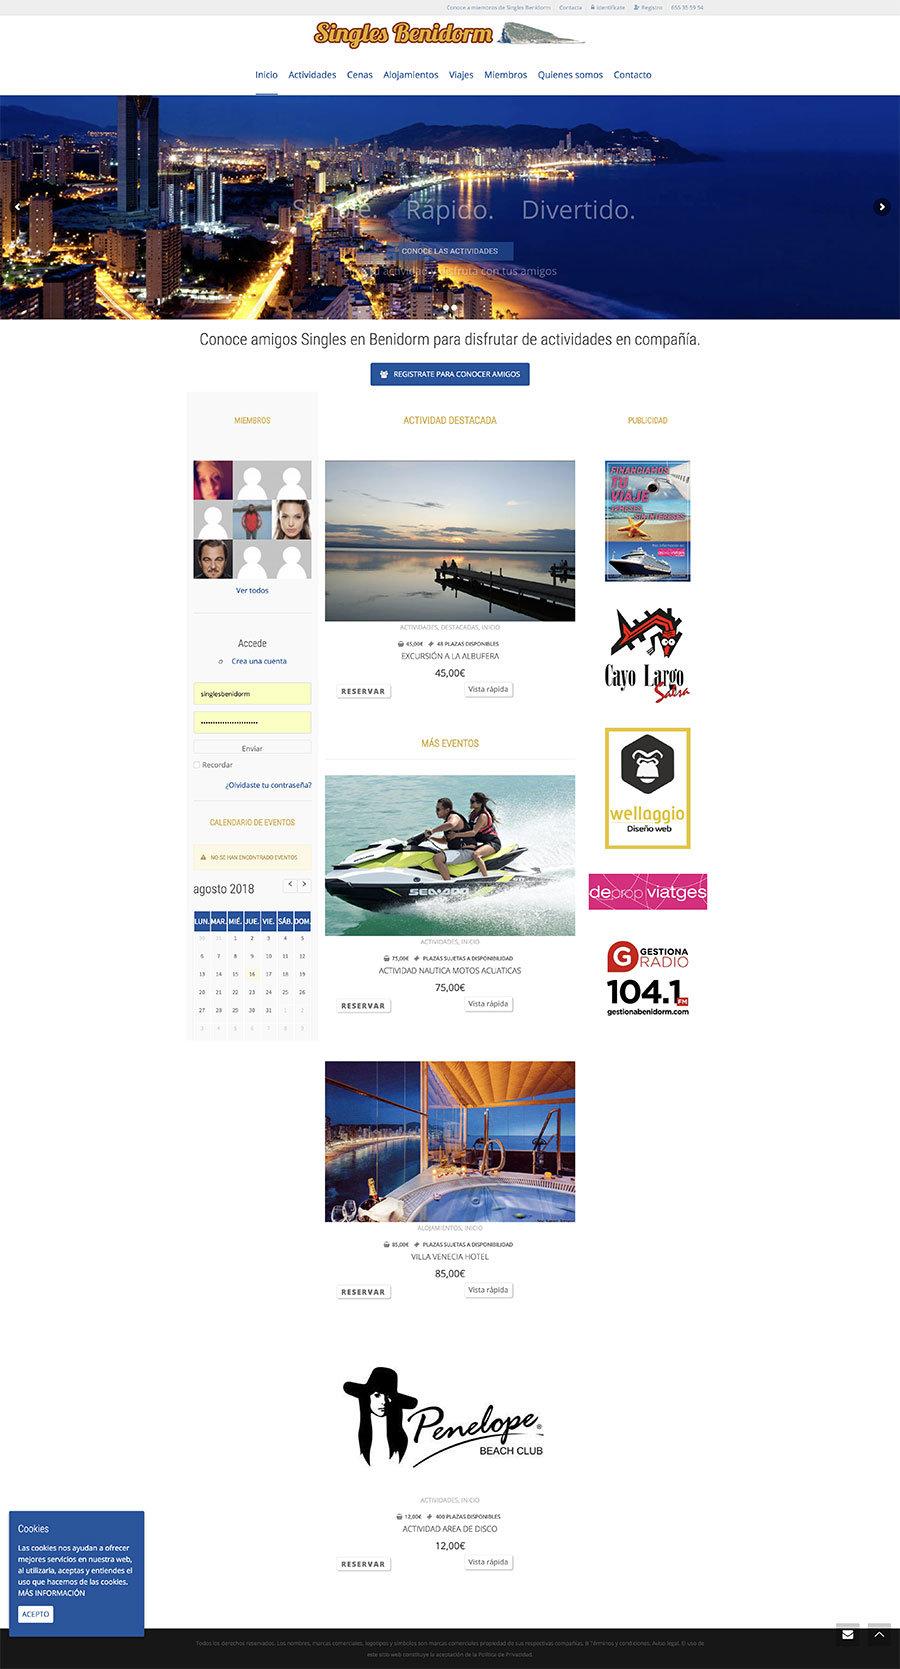 Wellaggio-diseño-web-valencia-singlesbenidorm-es-2018-08-16-13_29_19